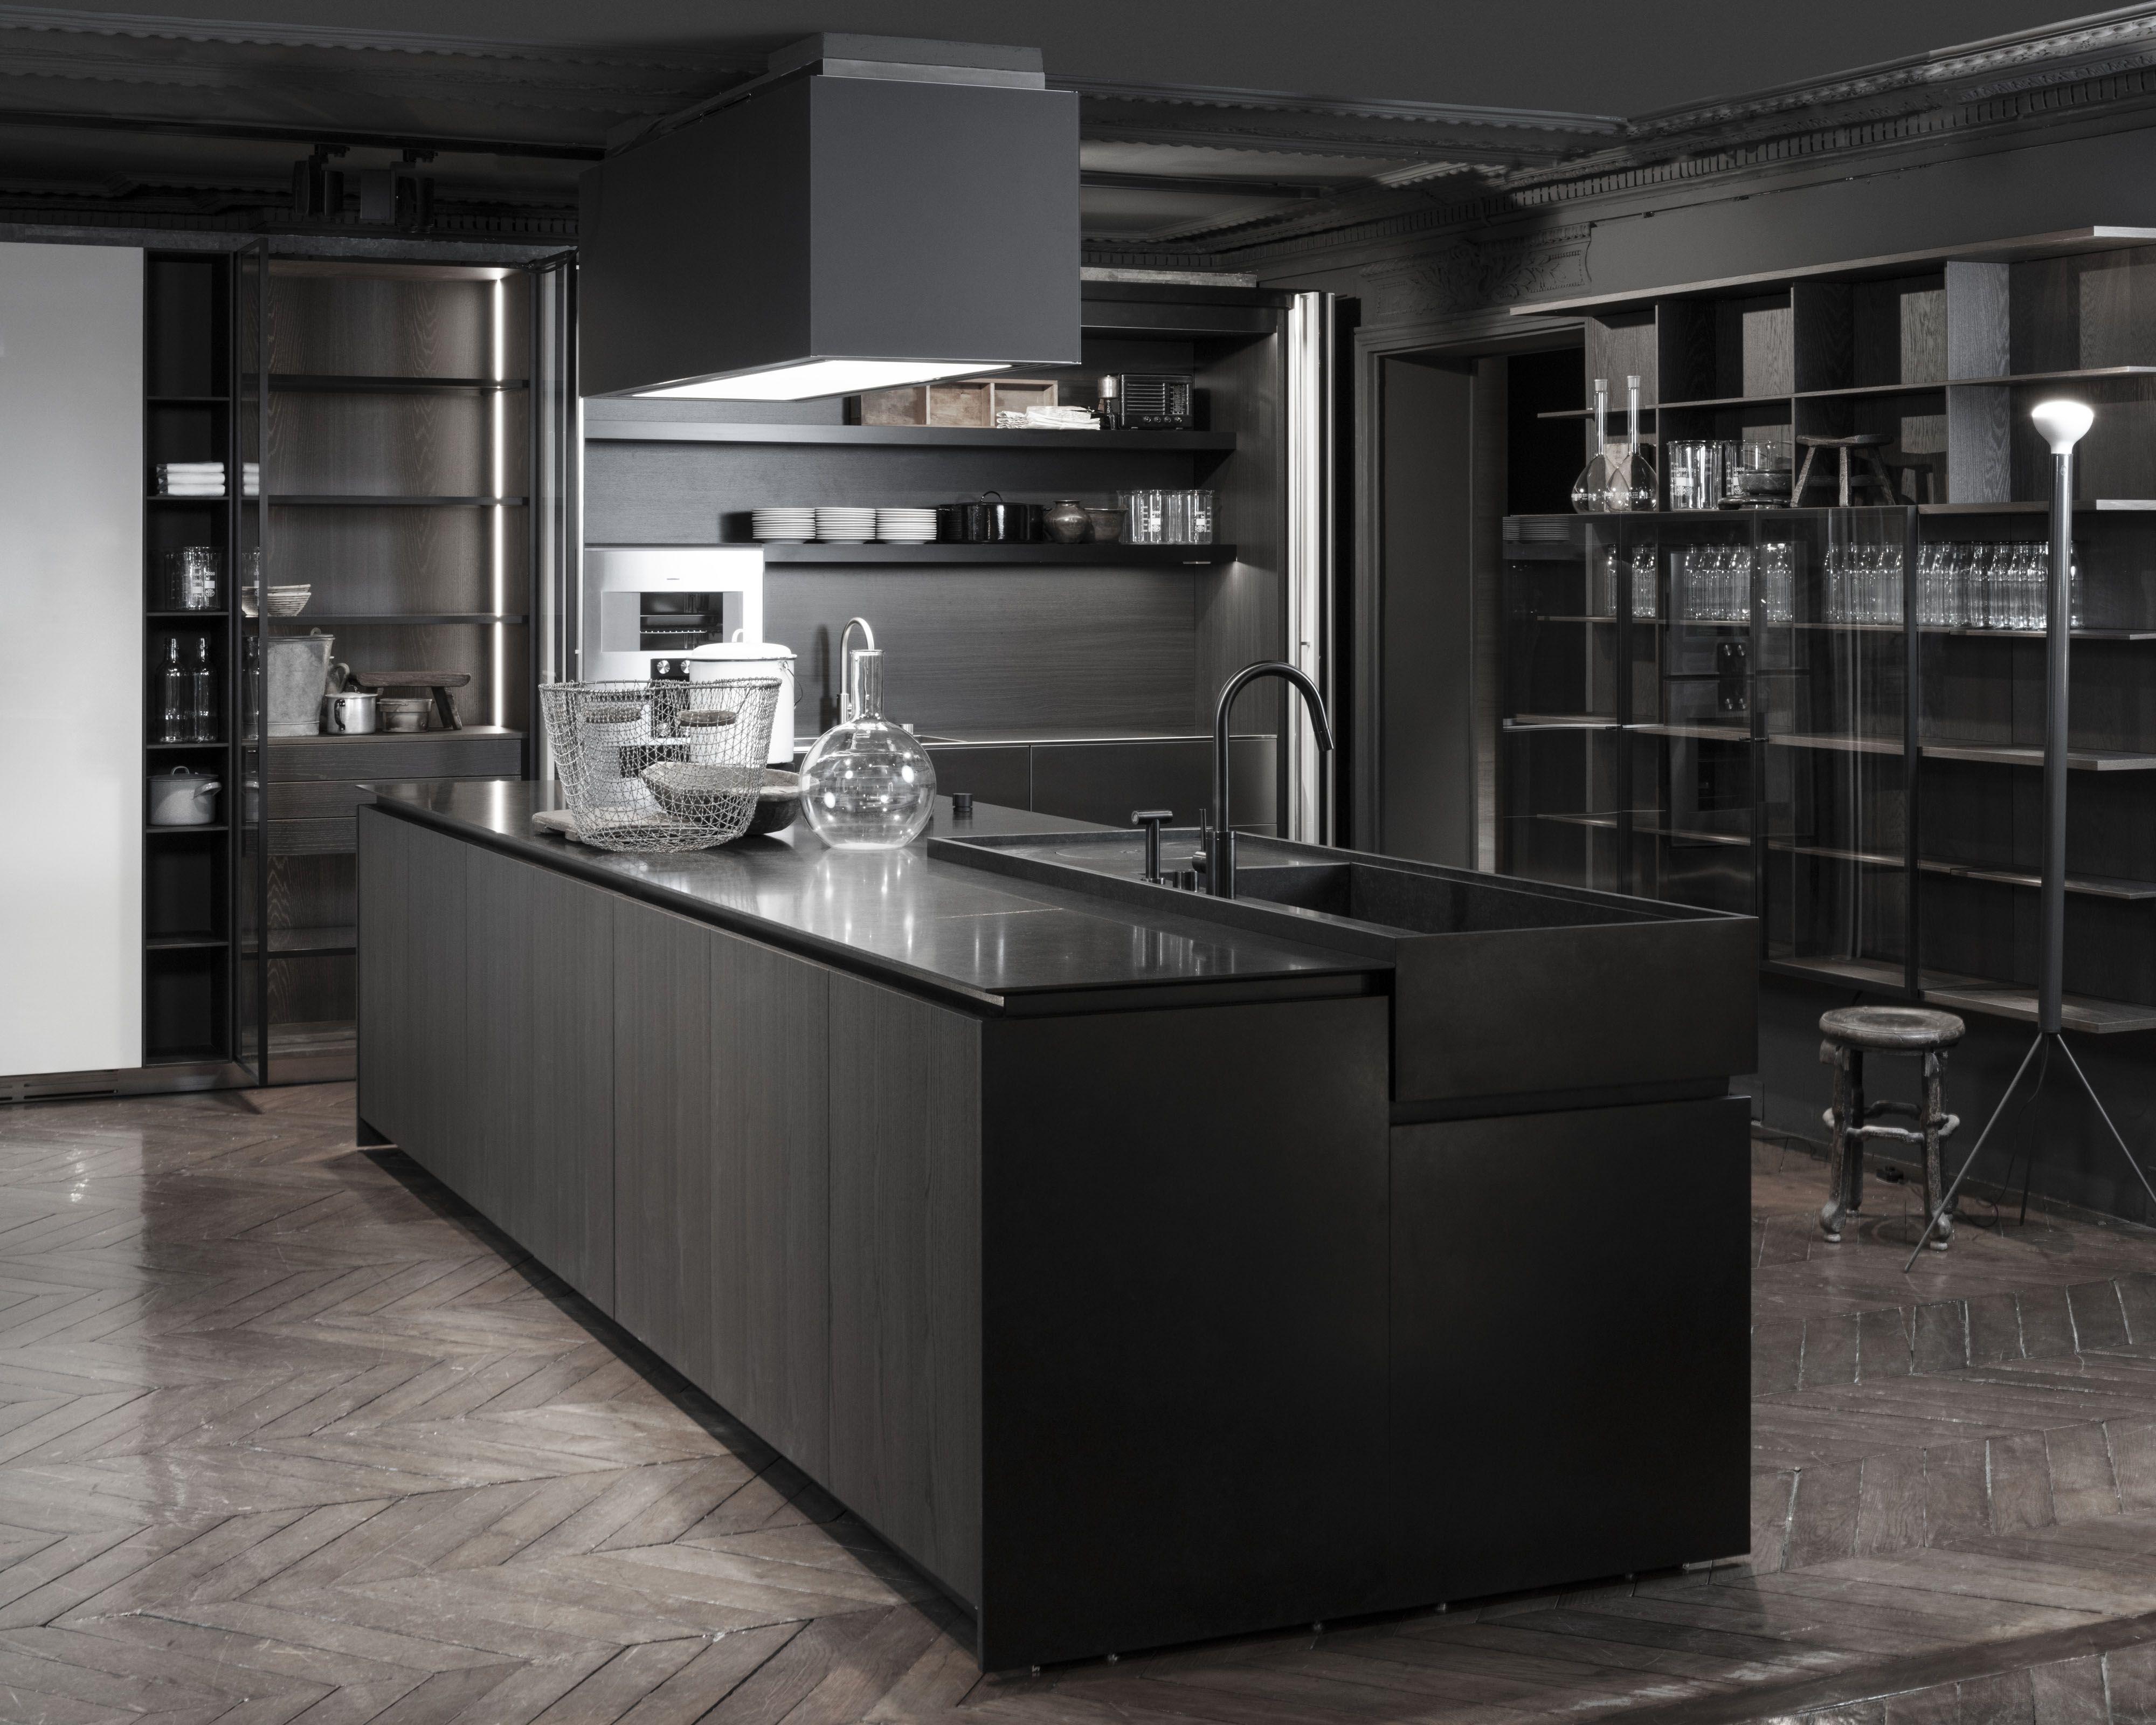 Boffi Paris   Kitchen inspiration modern, Kitchen inspirations, Kitchen interior